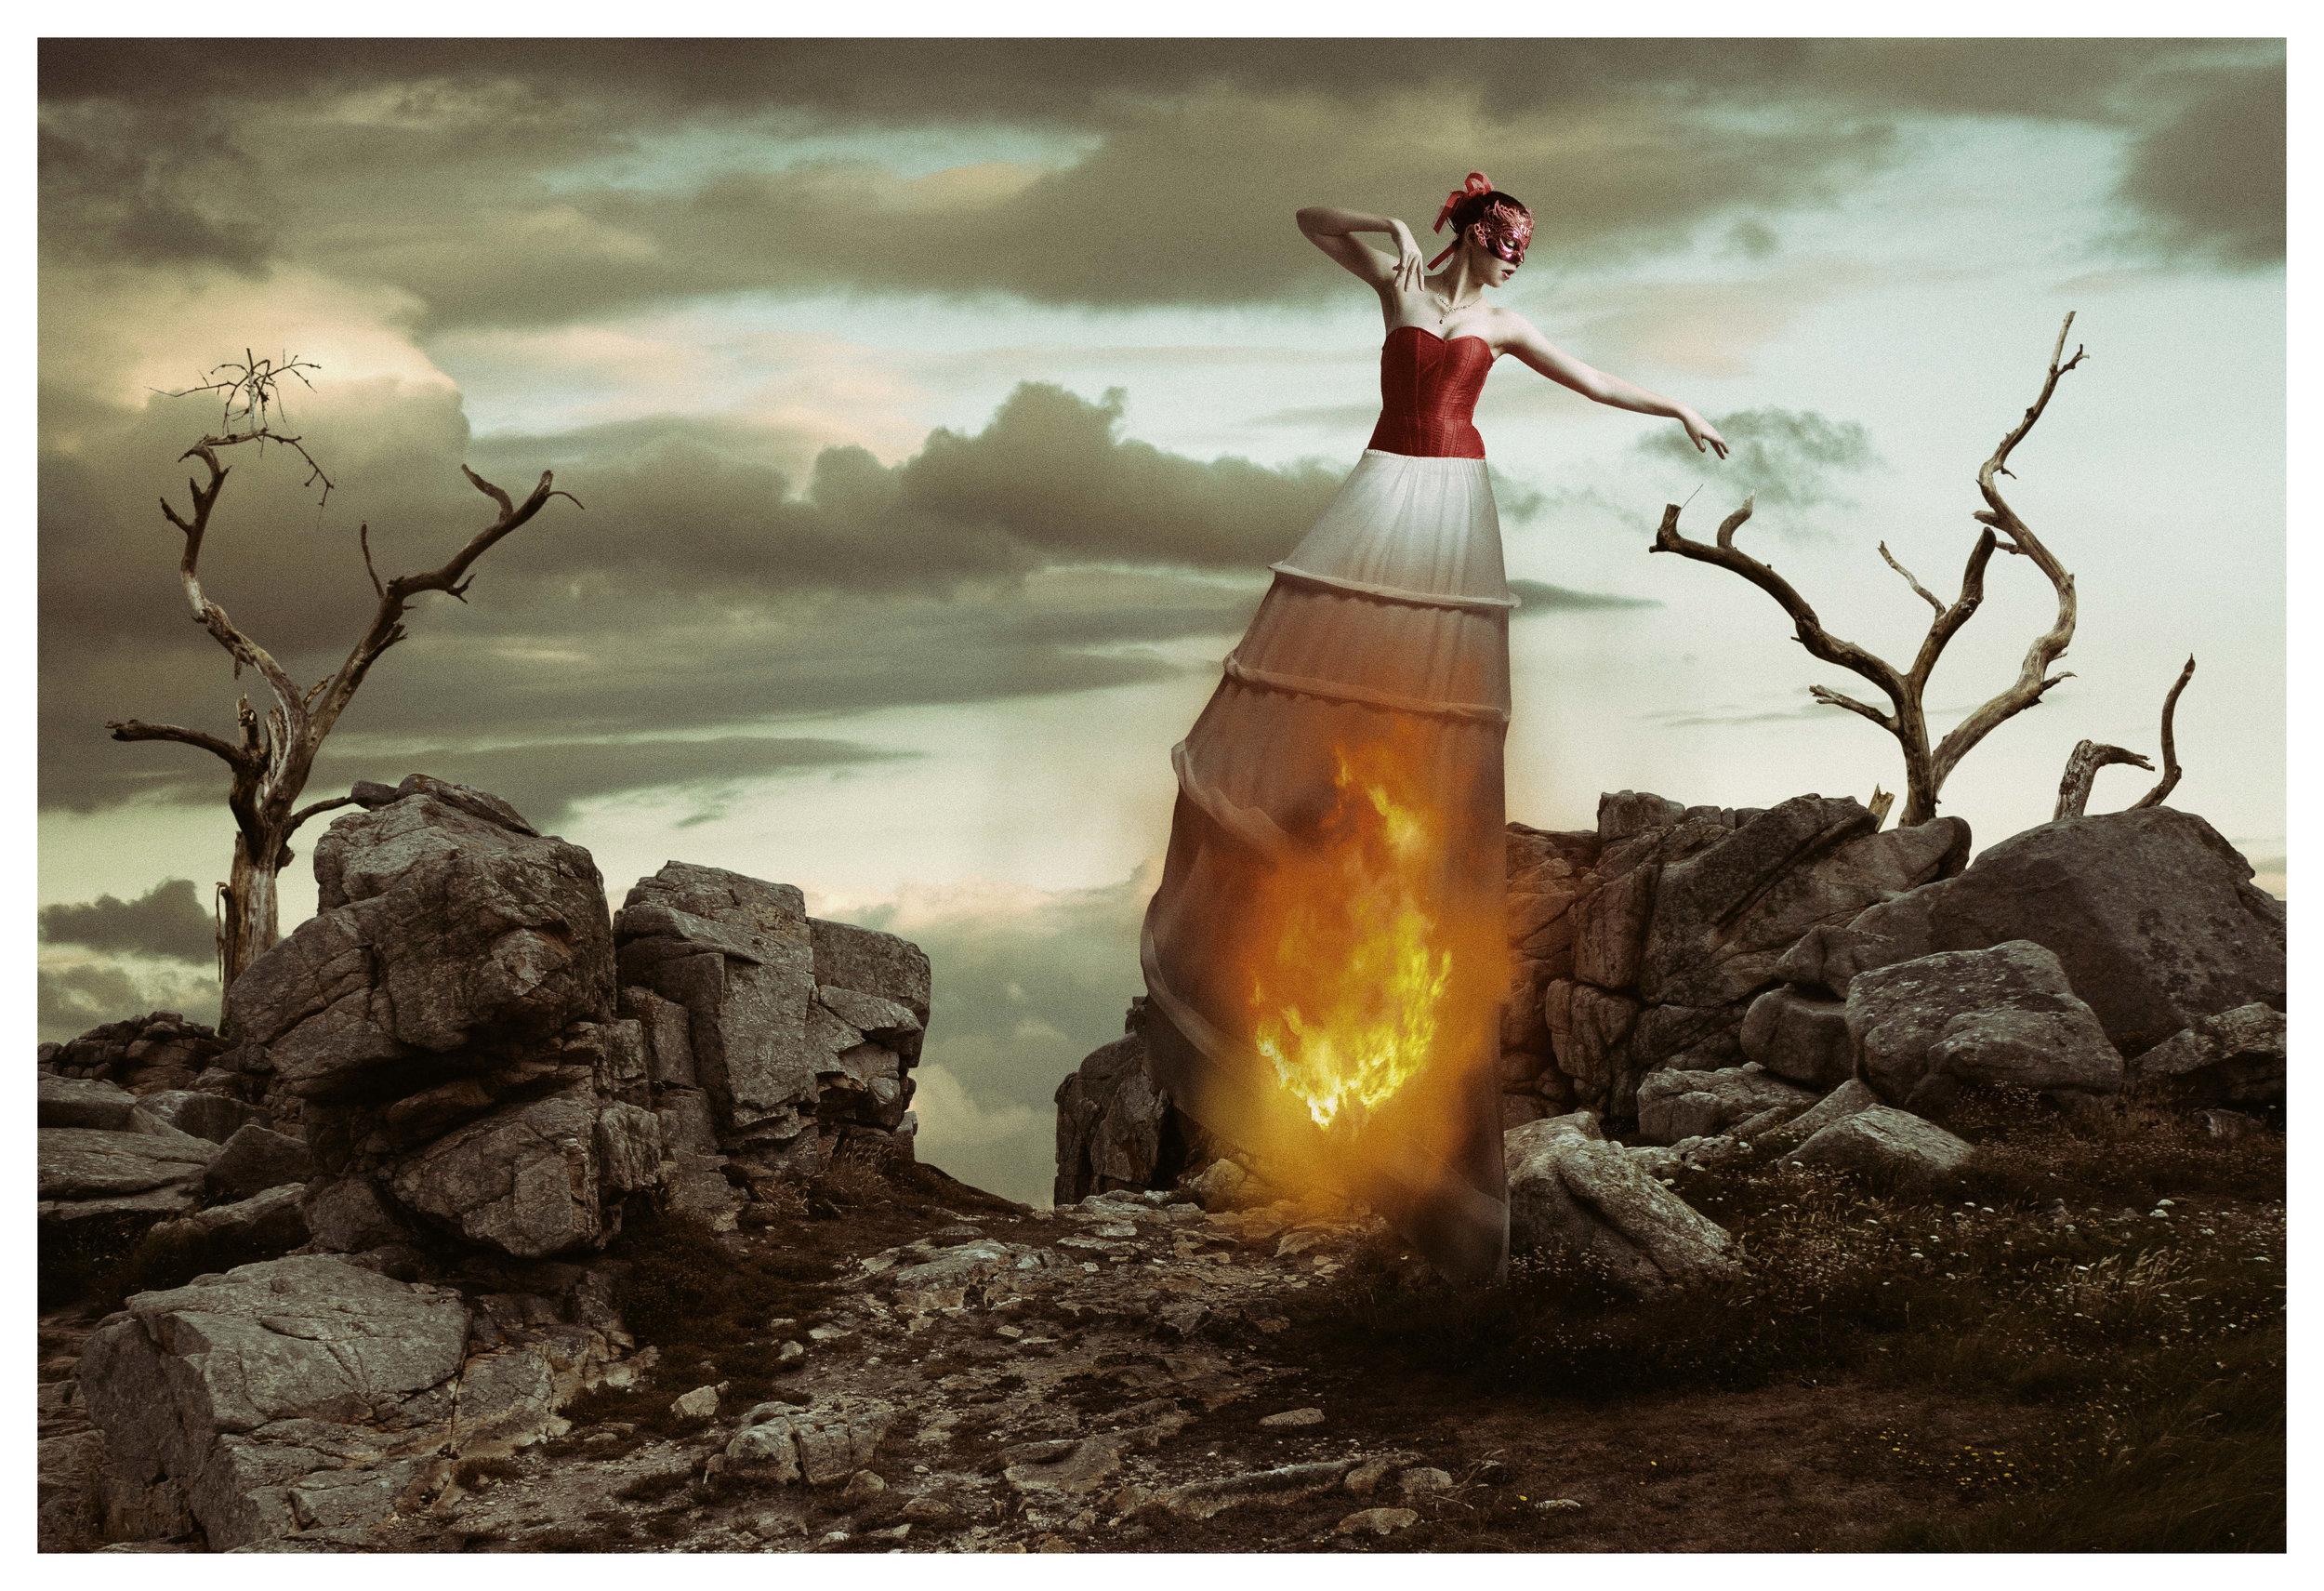 Danse du feu. (Dance of fire).  (2017)